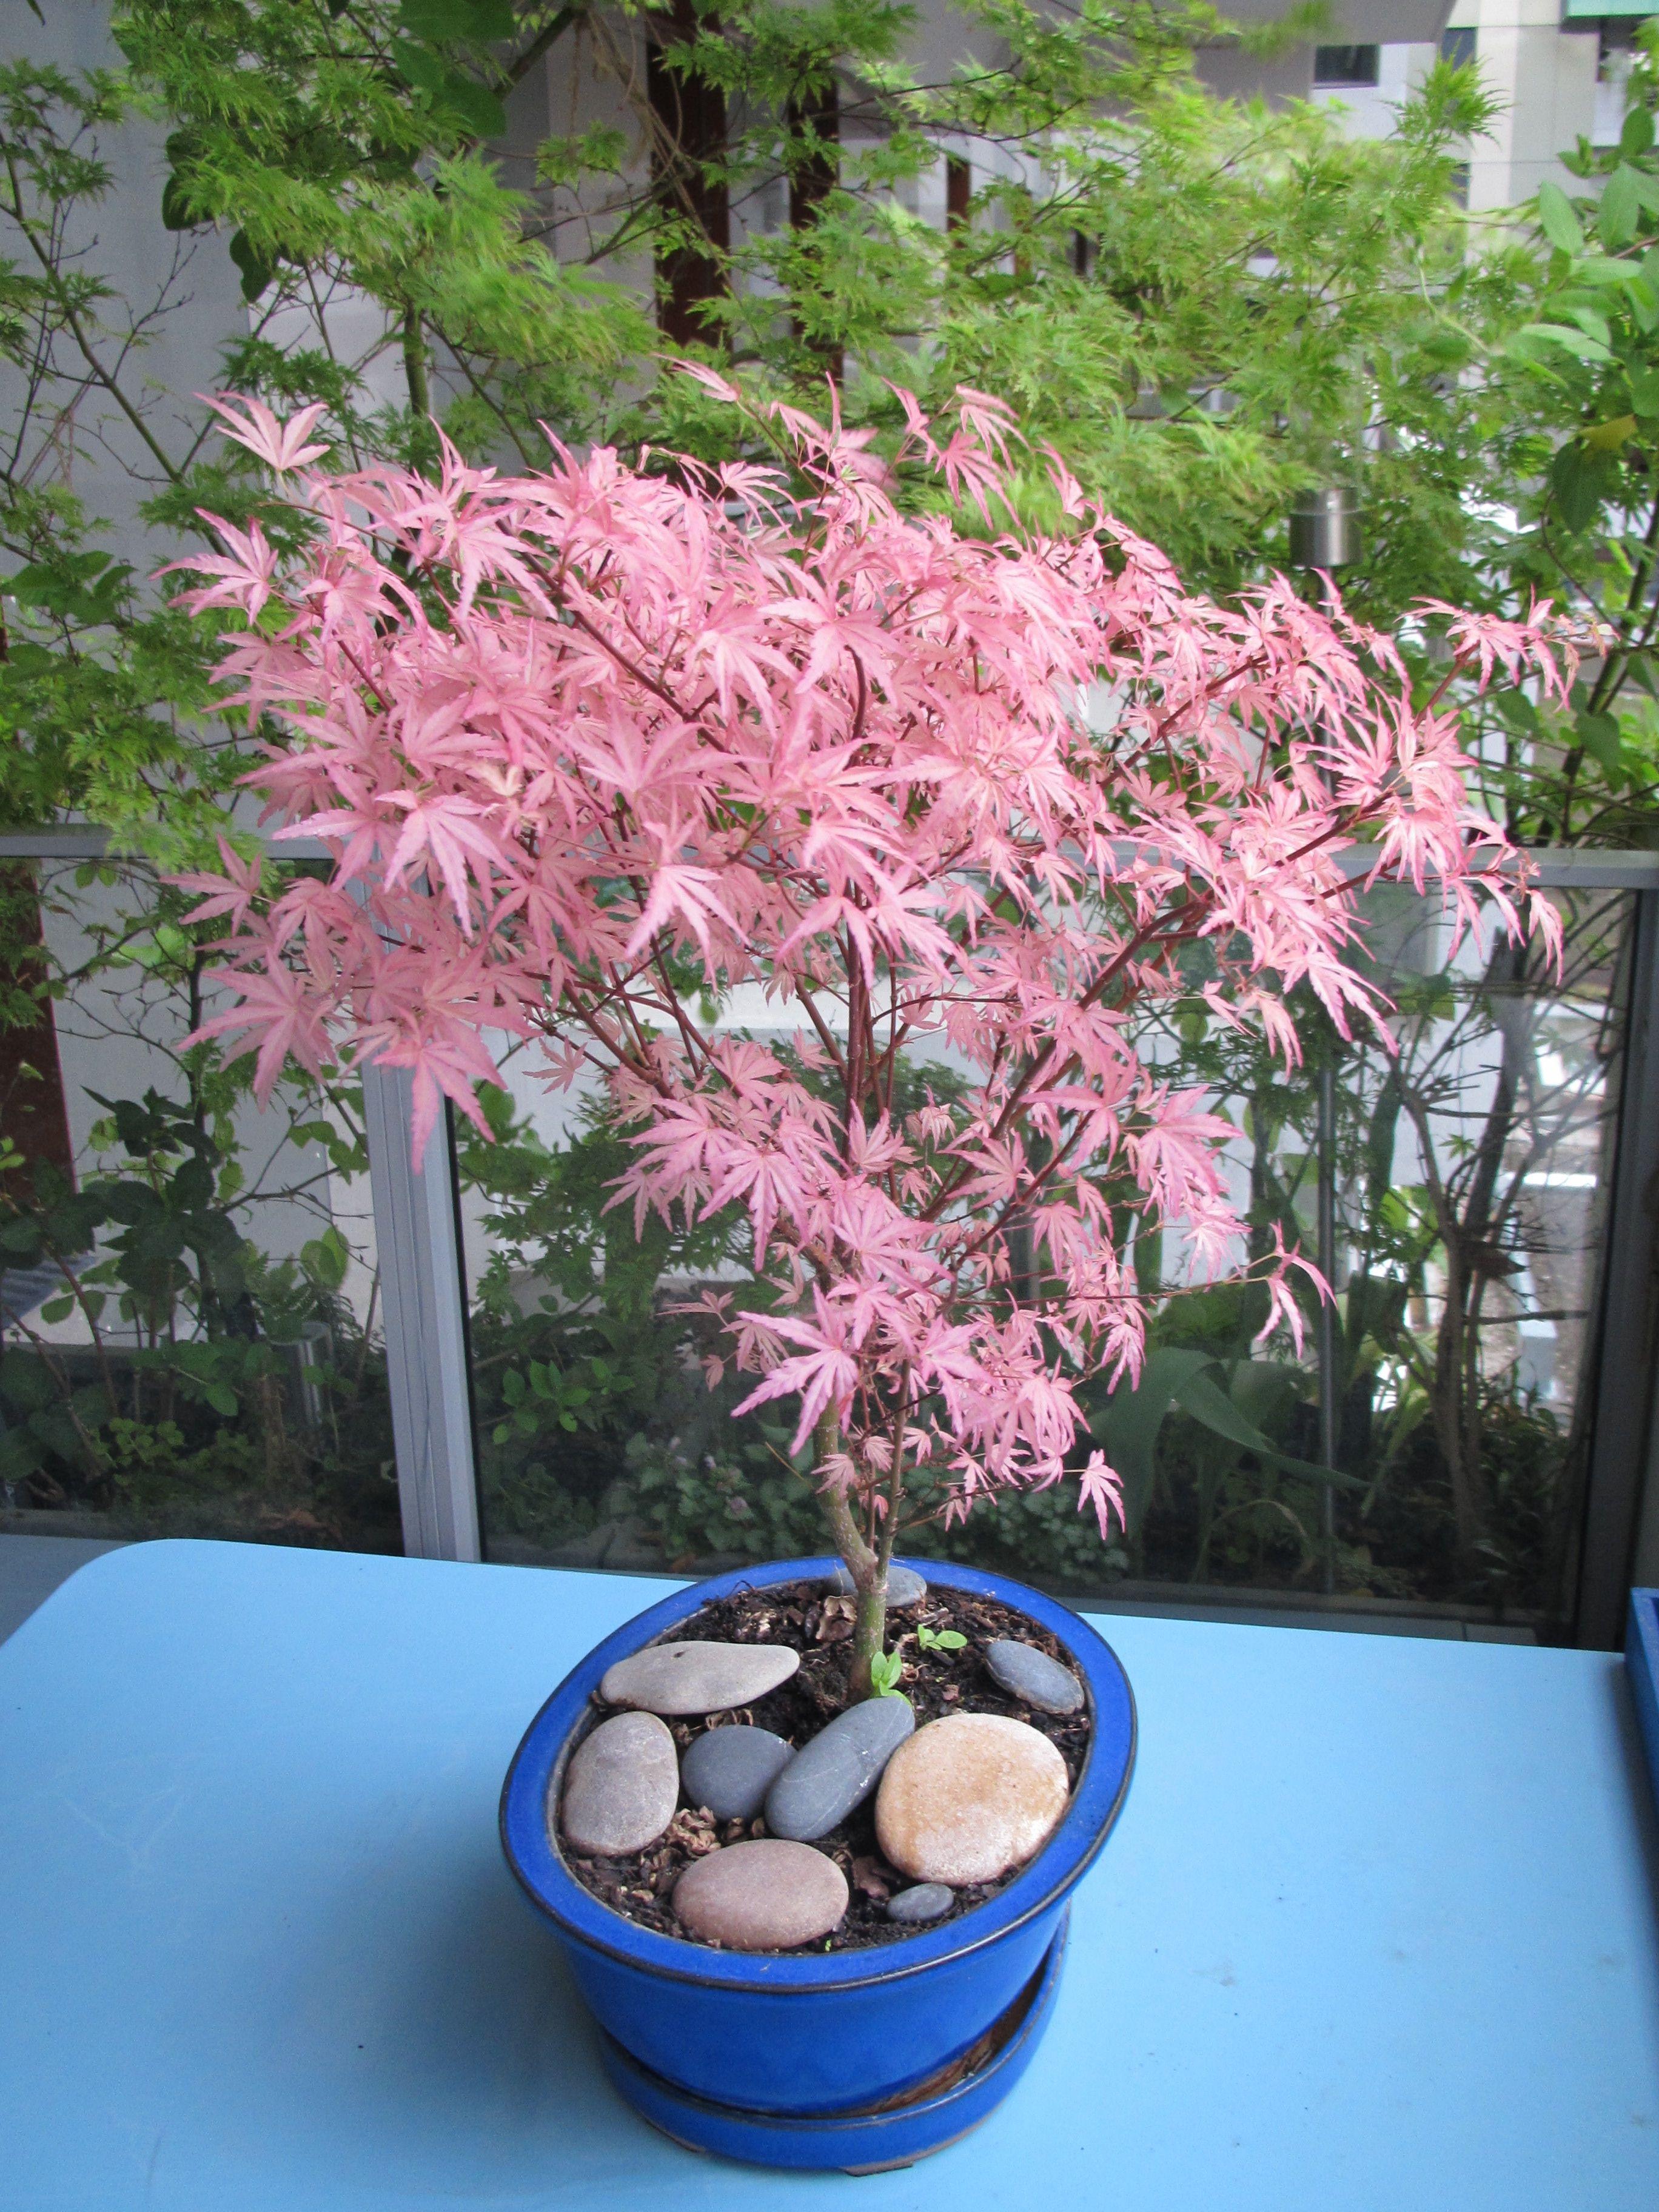 Bonza erable du japon 39 taylor 39 acer palmatum beautiful bonsai pinterest acer palmatum - Erable du japon acer palmatum ...